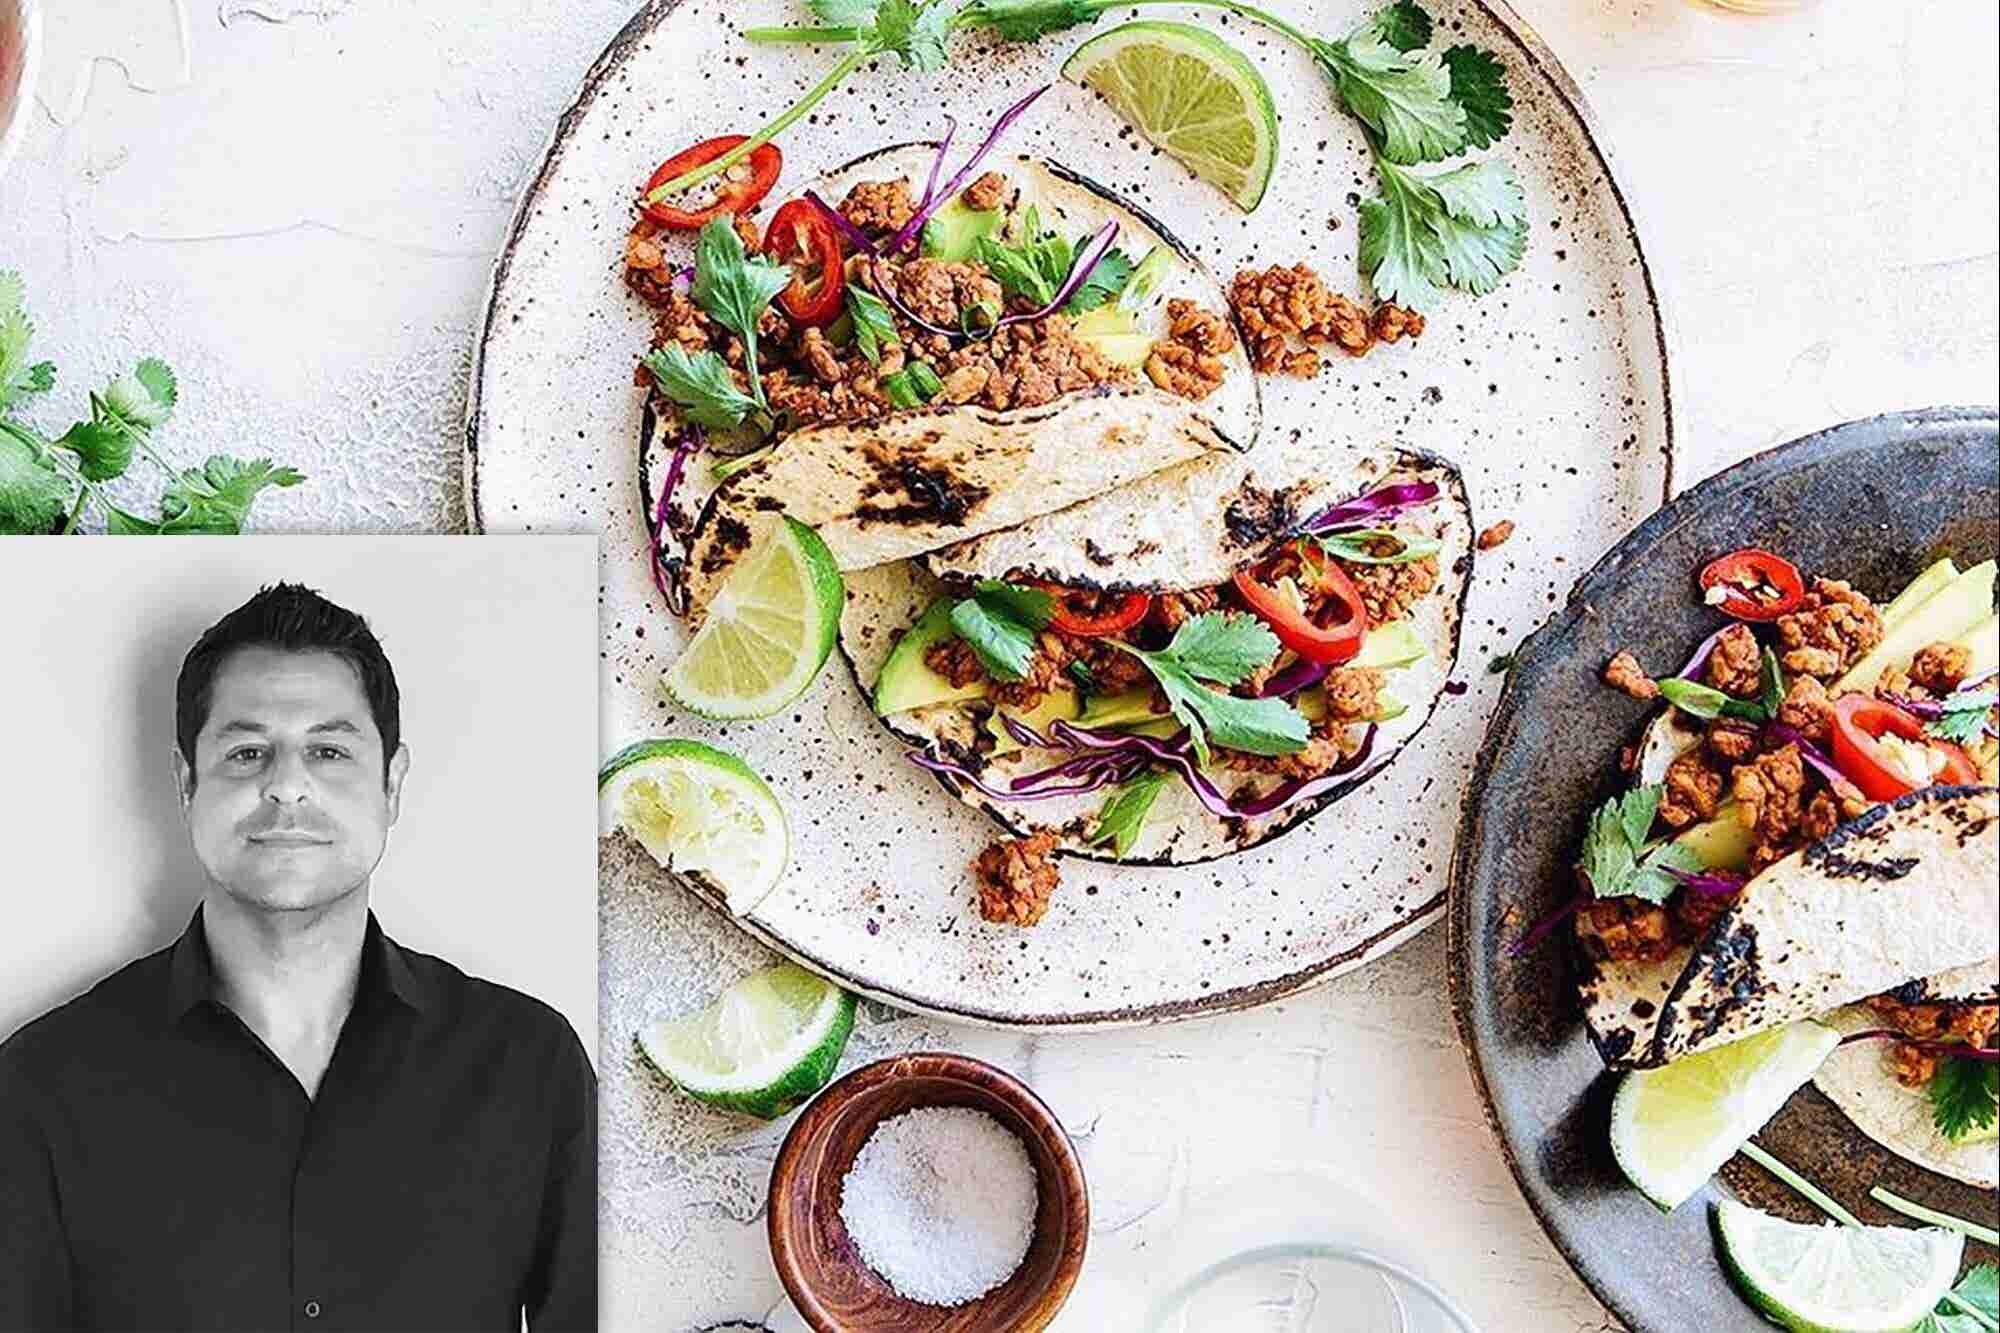 El CEO de una escuela culinaria que 'desapareció' tiene historial de a...